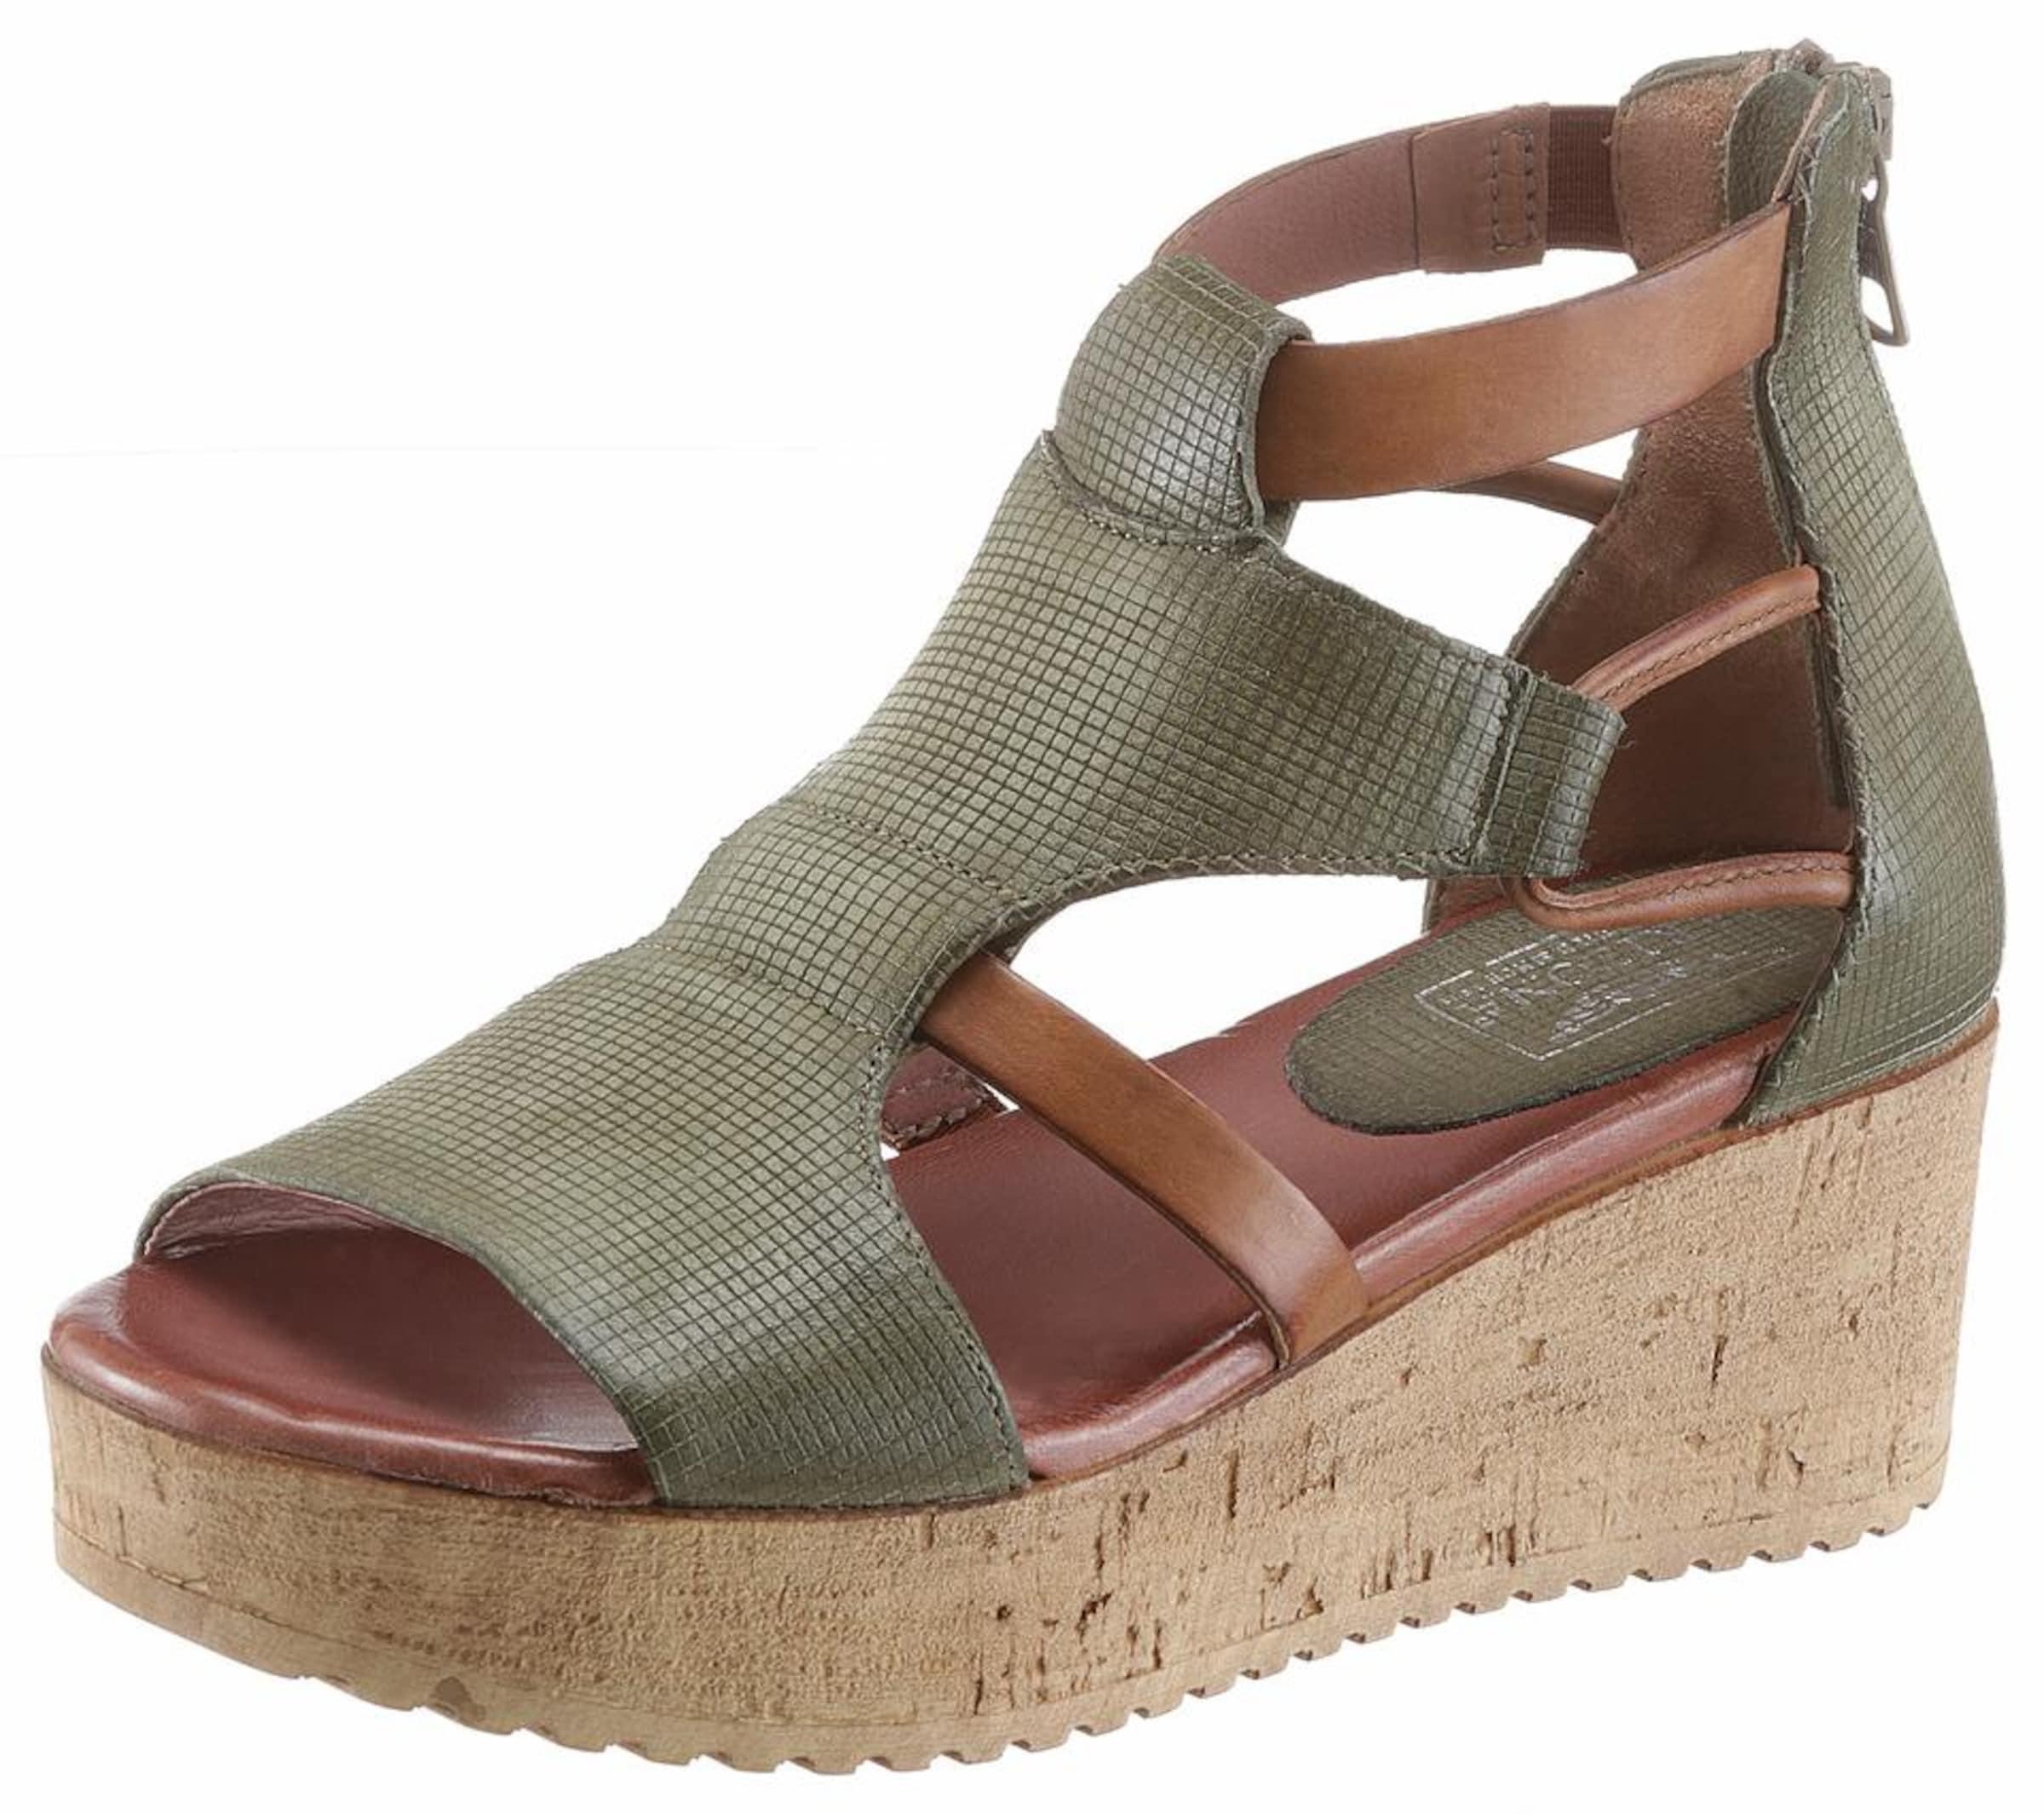 ARIZONA Sandalette Günstige und langlebige Schuhe